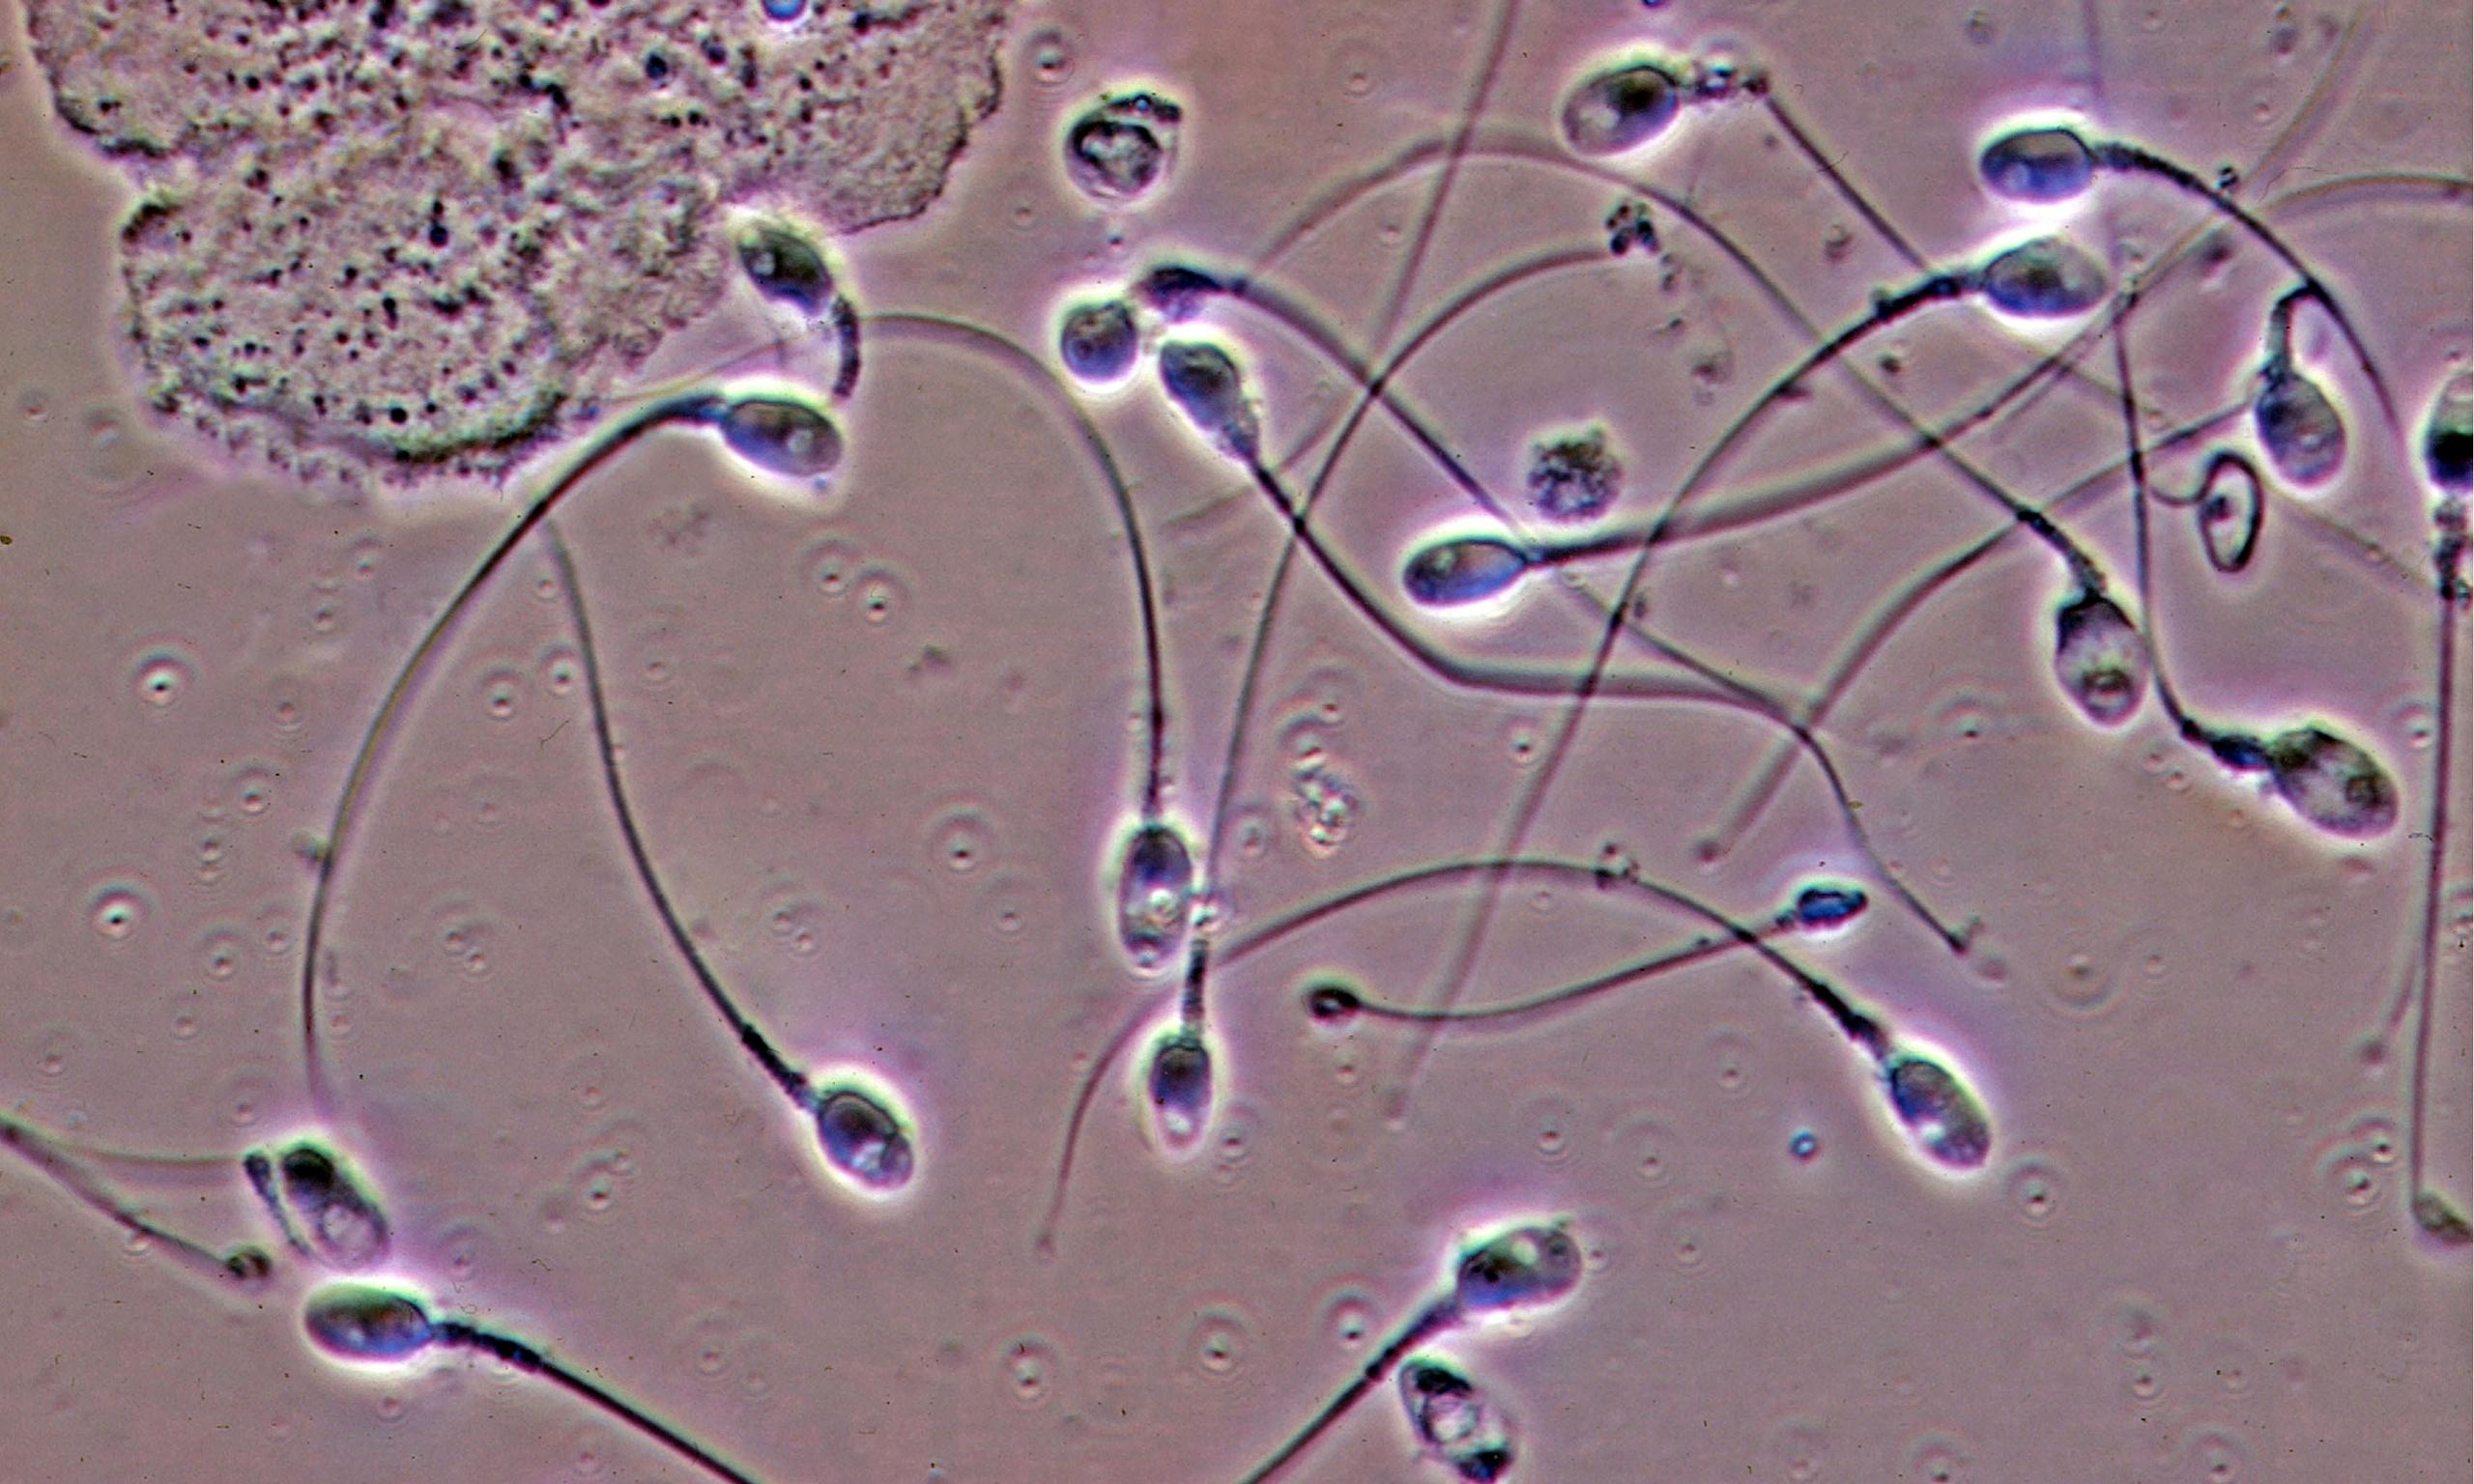 Сперма микроскопом фото 6 фотография